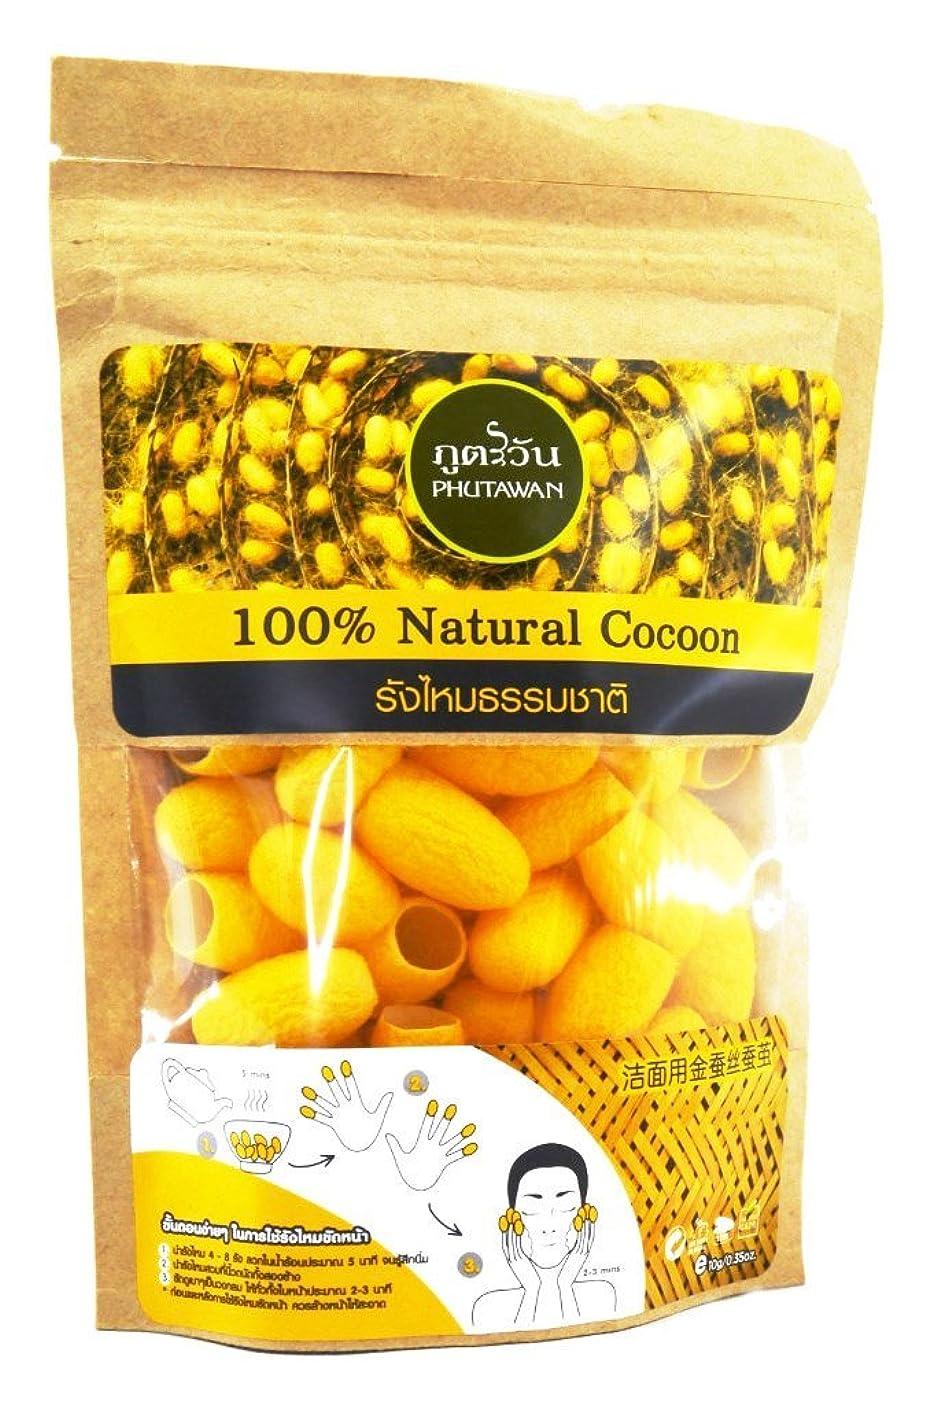 確率レビュアー眠いです黄金まゆ玉 100% Natural Cocoon 天然 黄金繭玉 約40個入